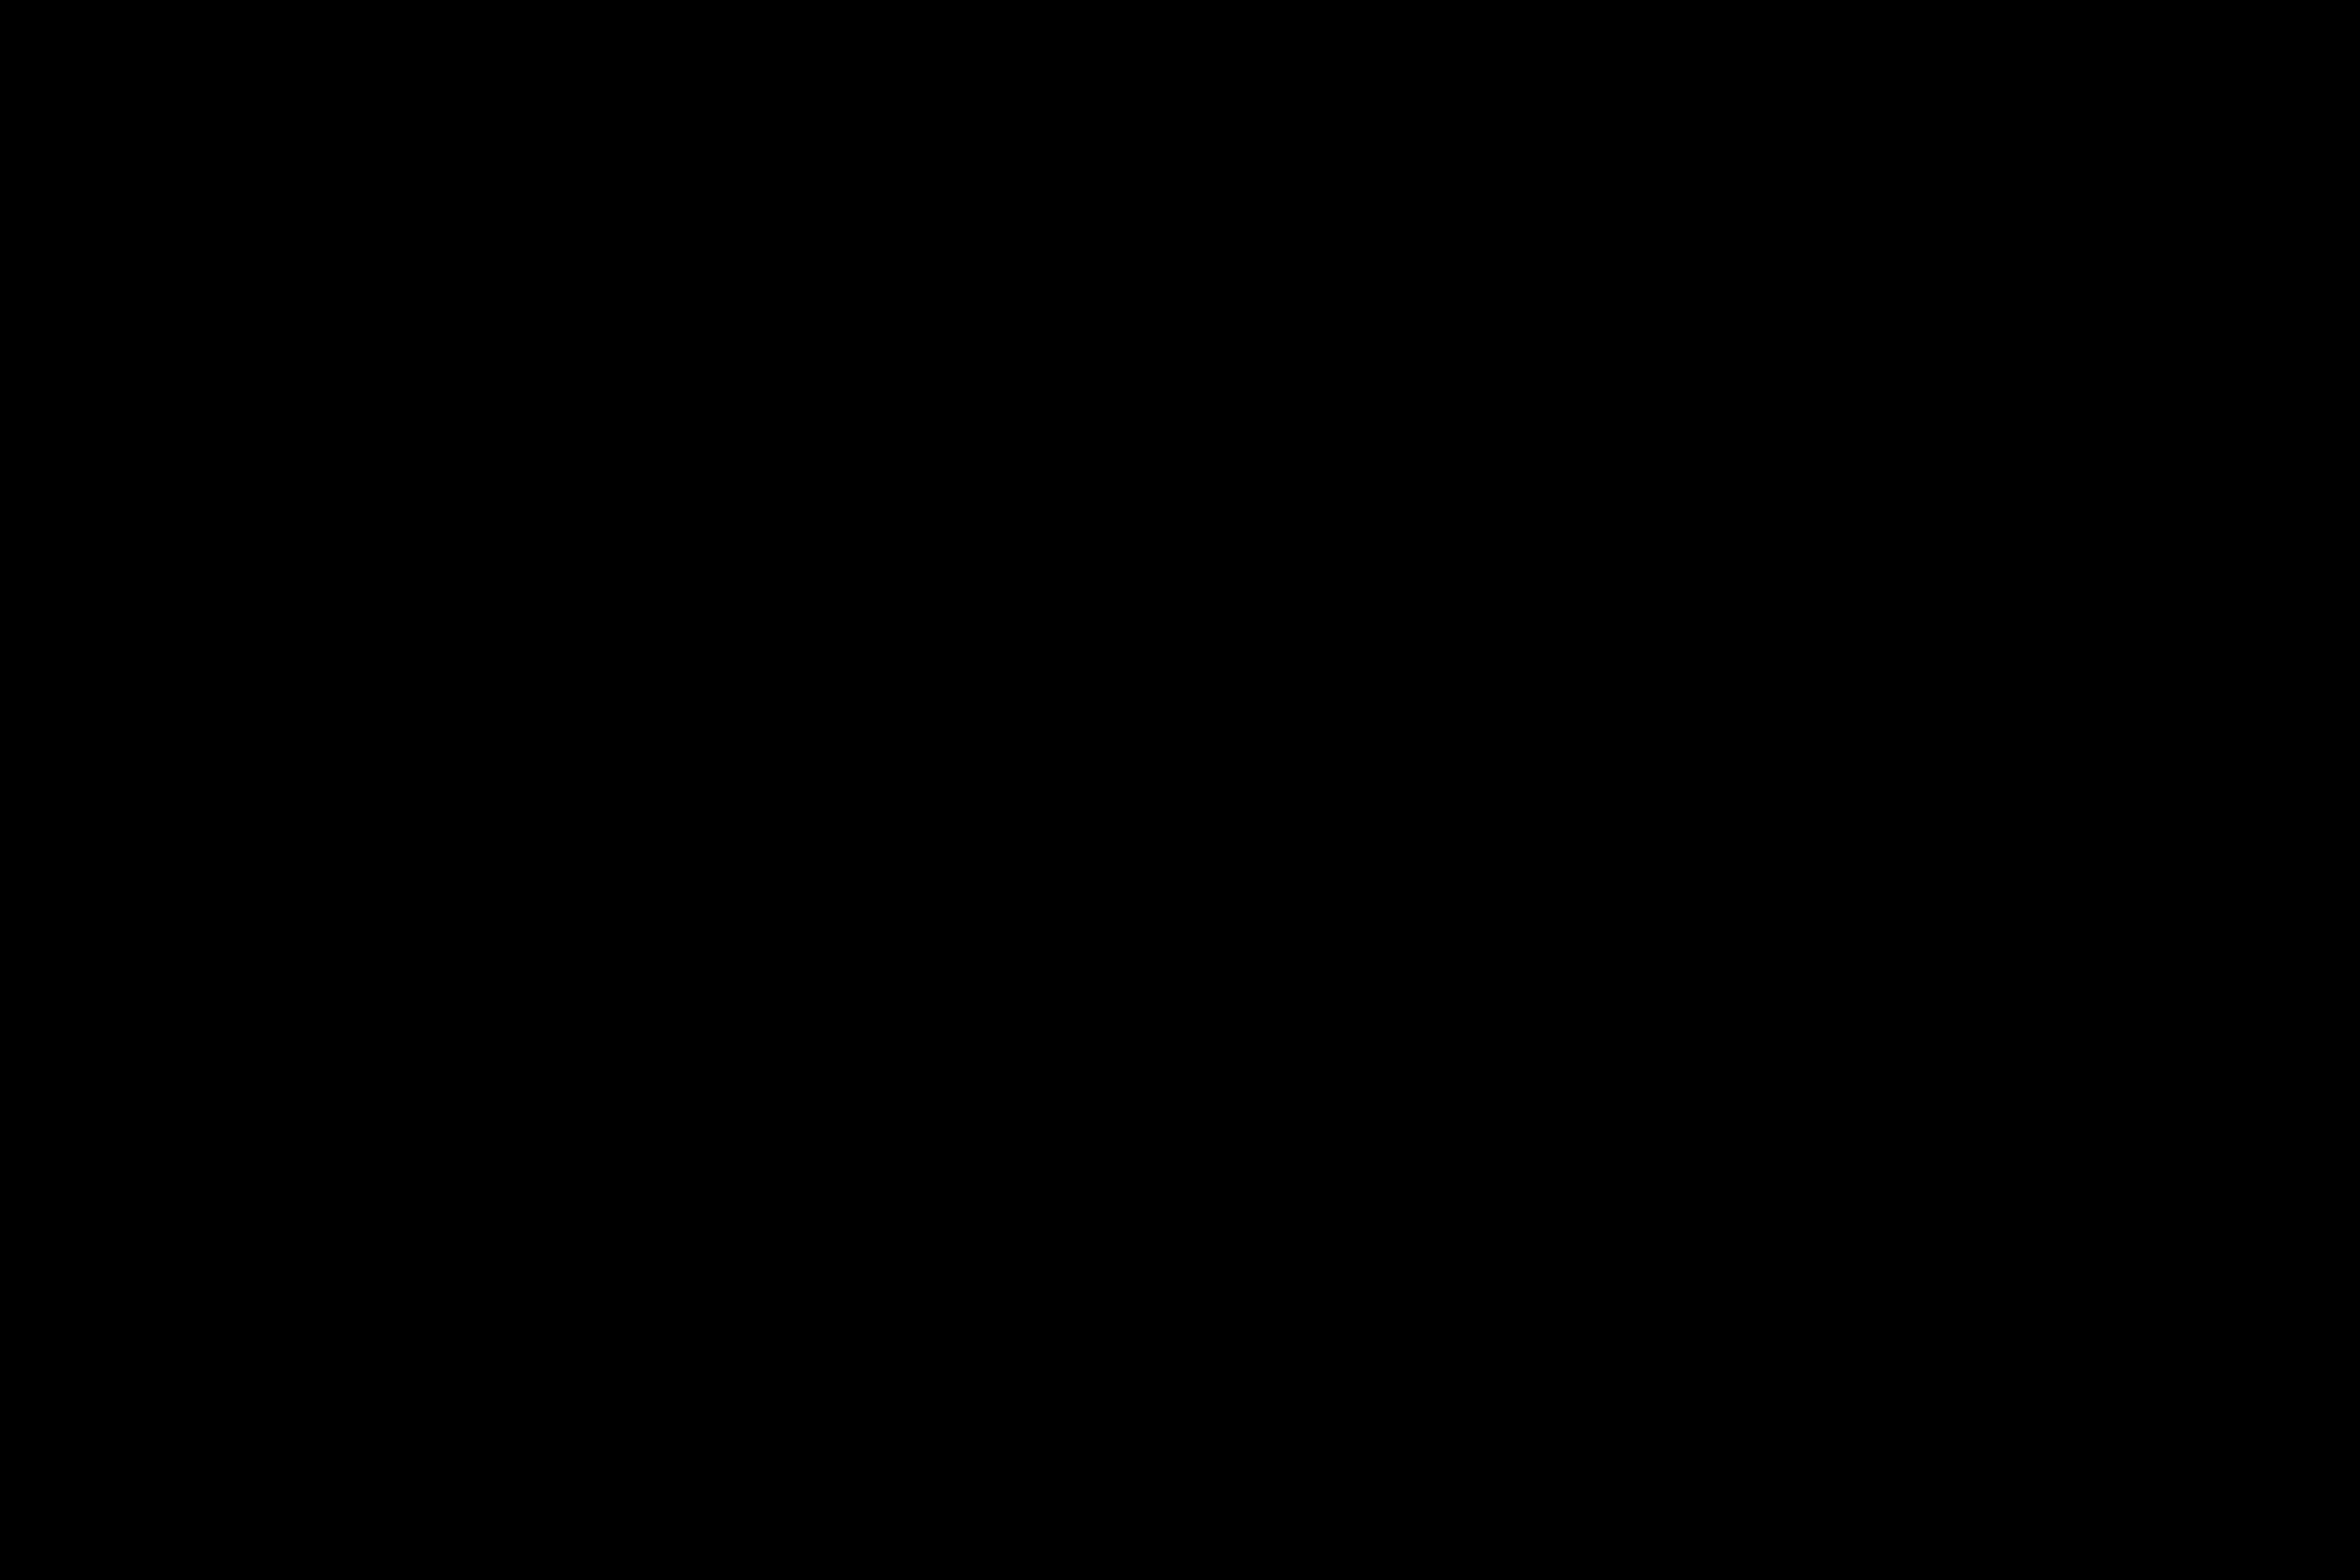 Rød notatbok med Klassekampen-logo